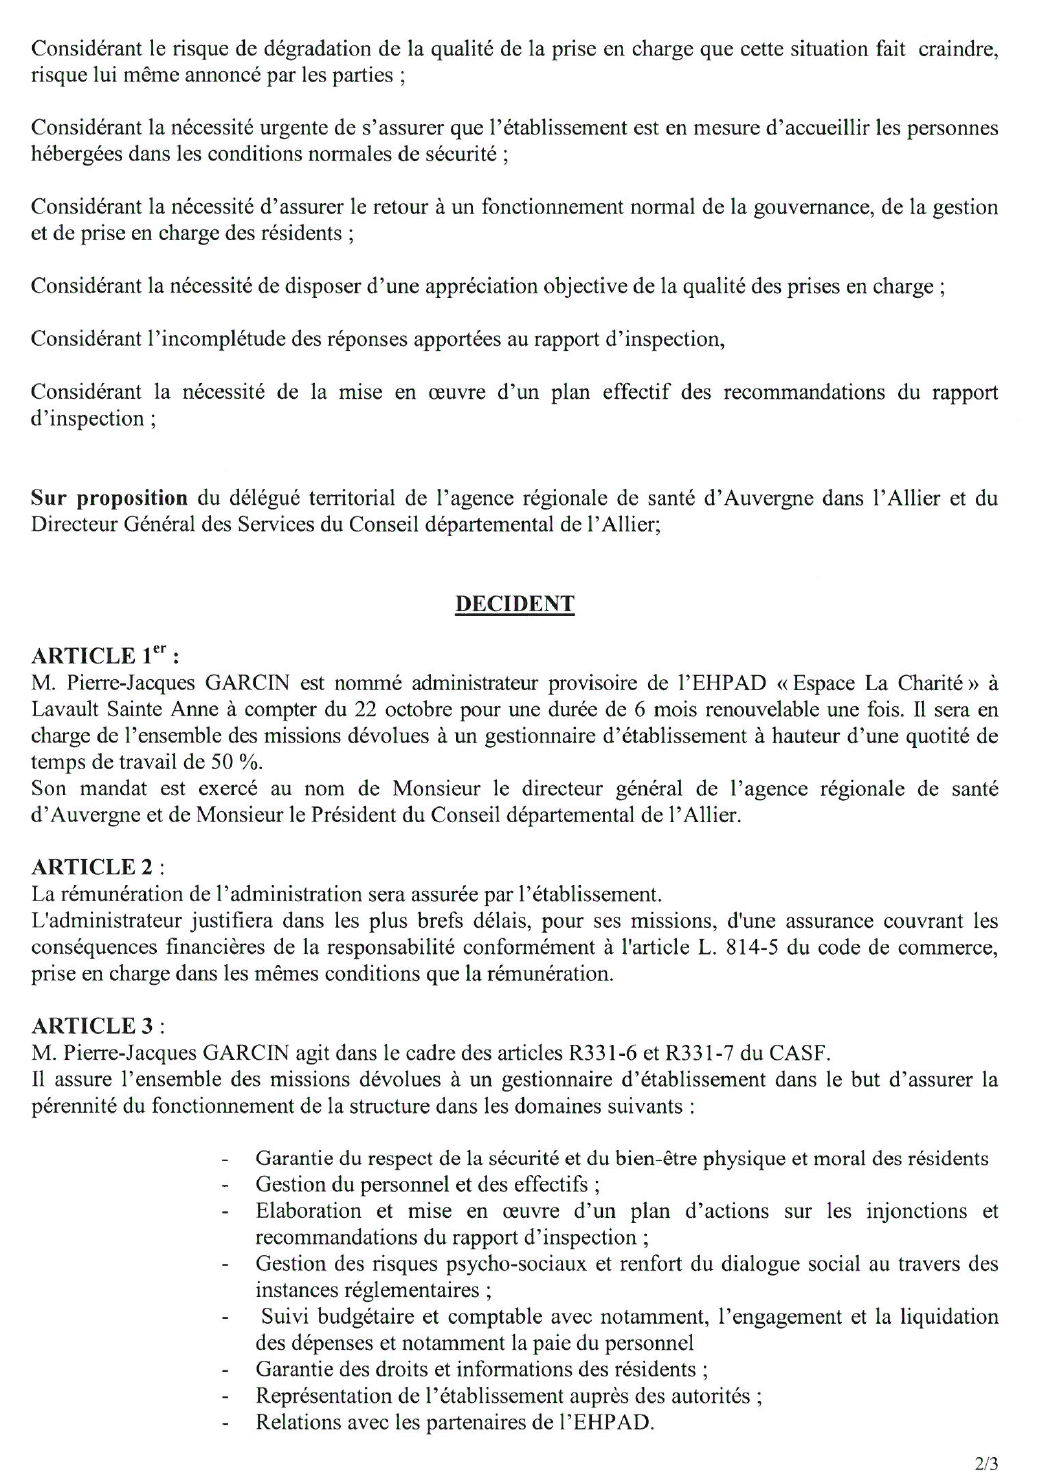 l'arrêté de sésignation d'une administration provisoire promulgué par l'ARS et le Conseil départemental